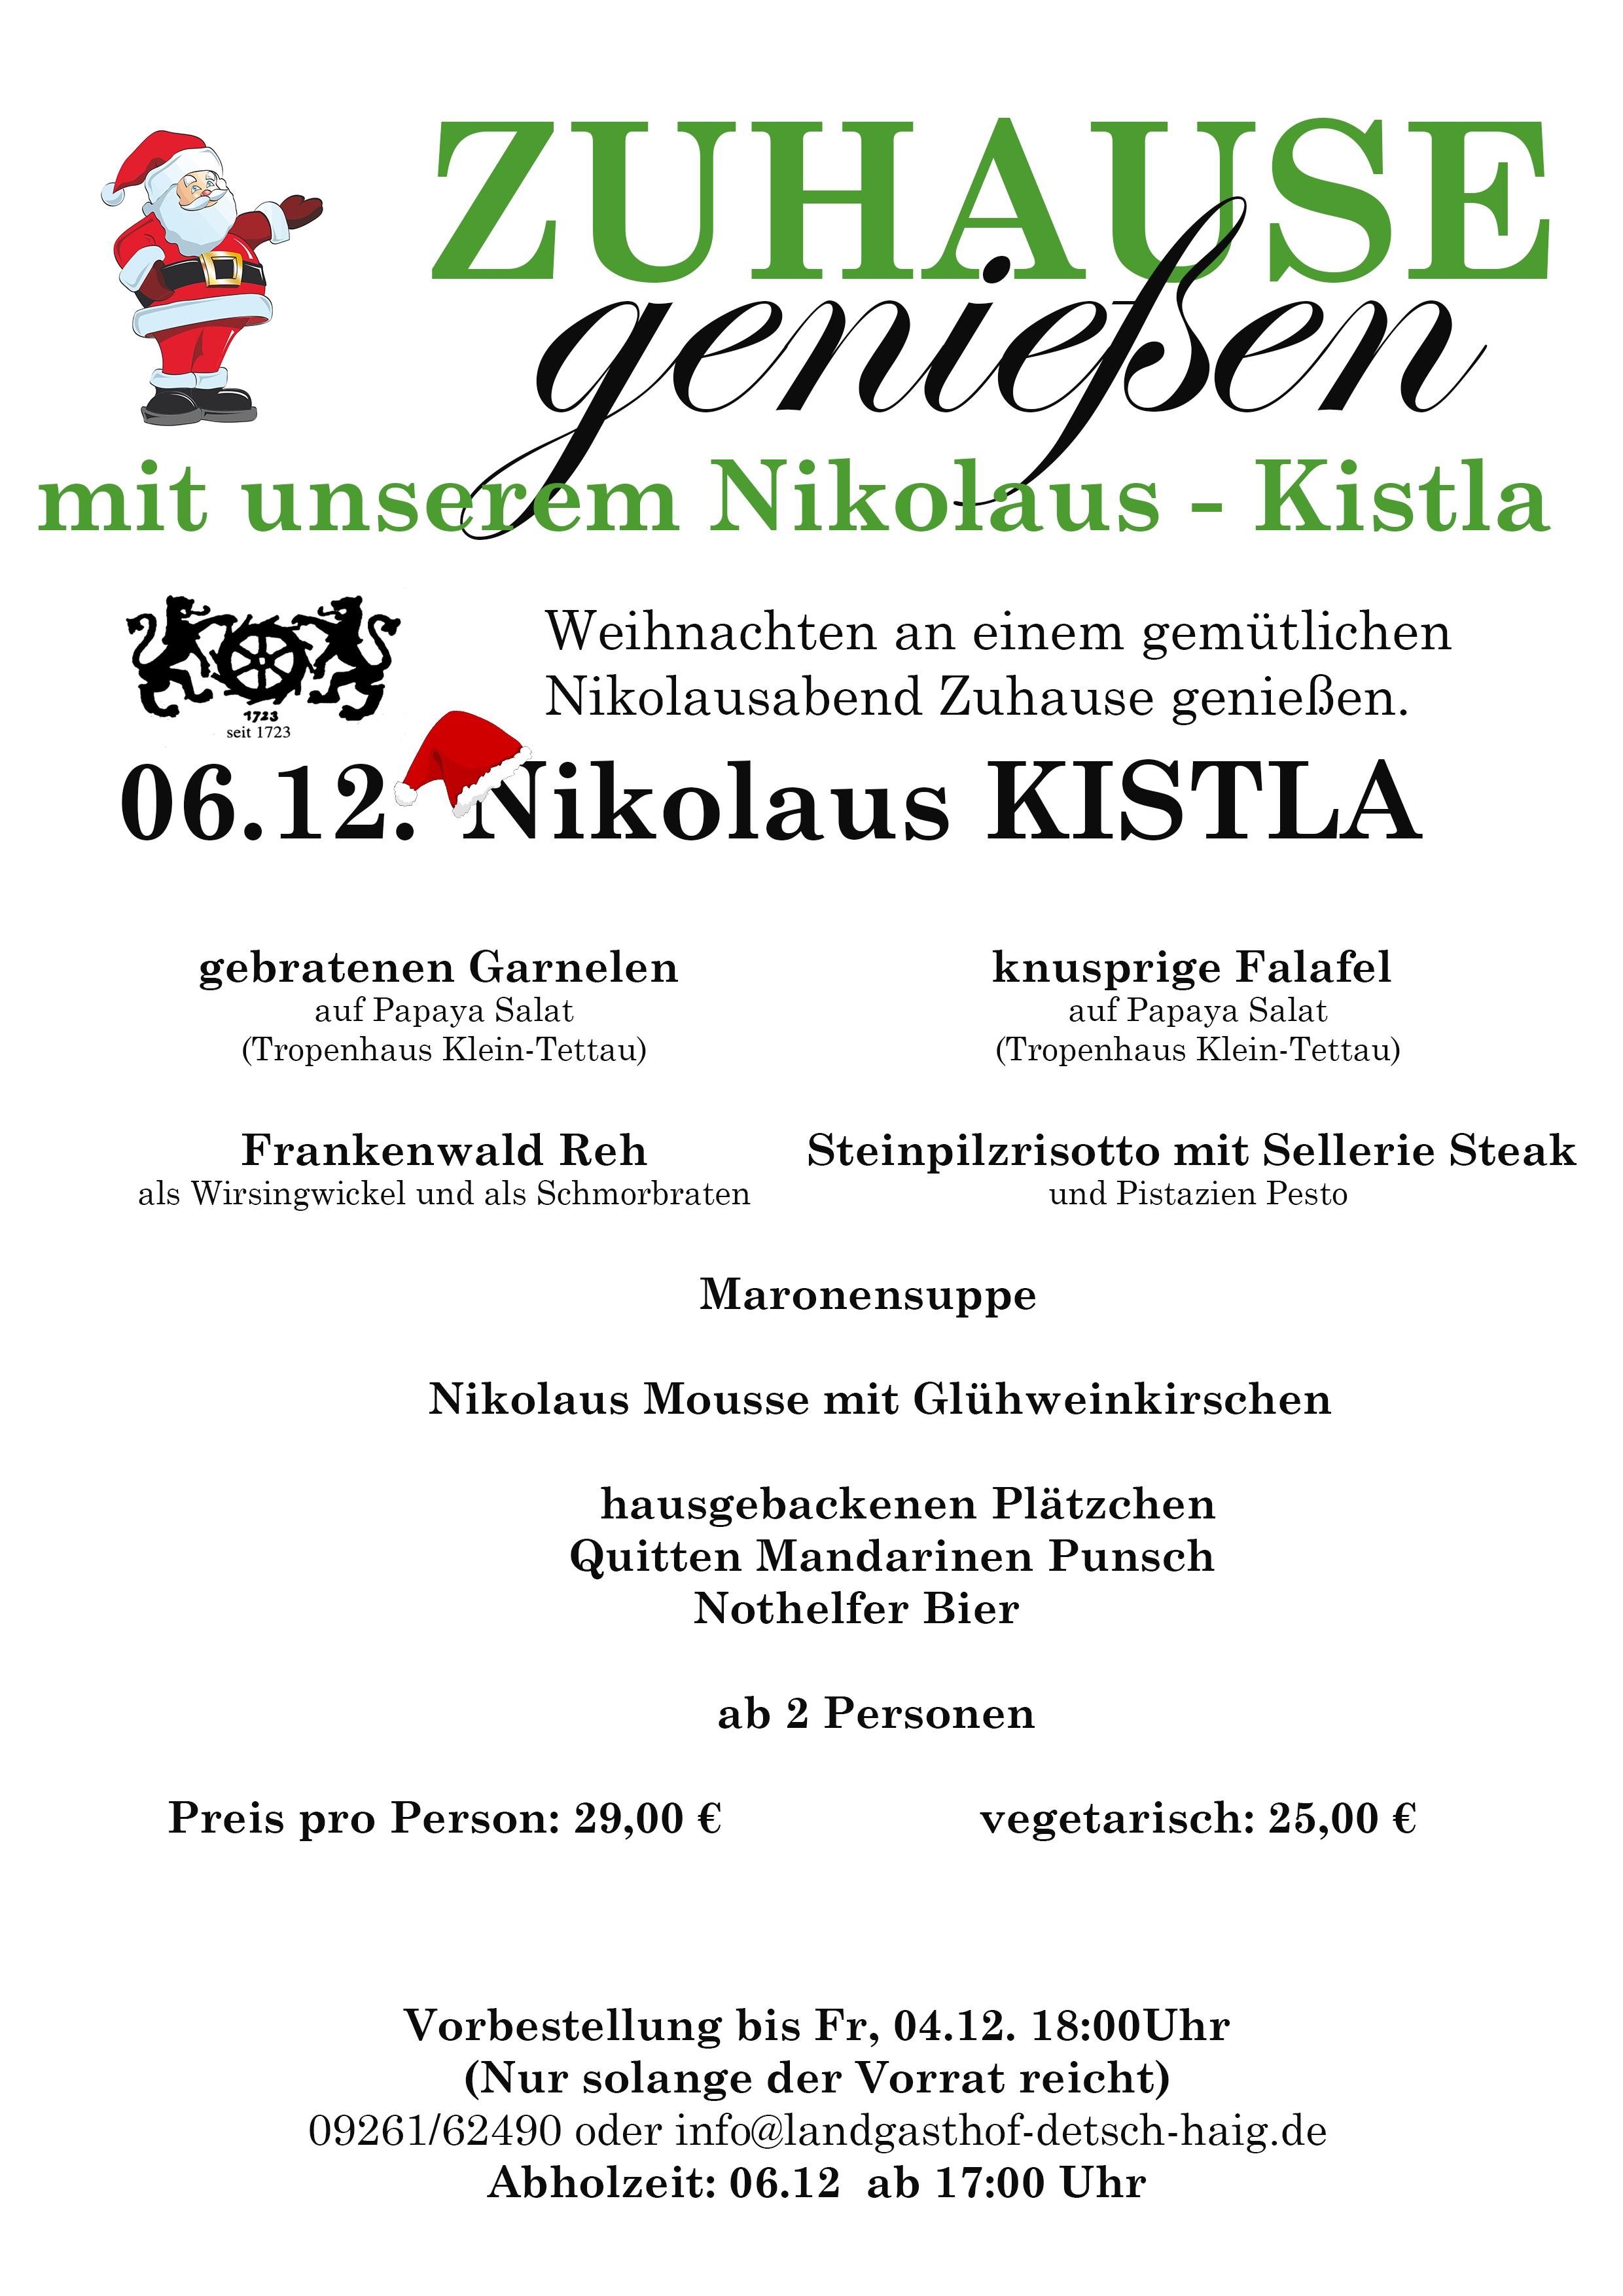 Nikolaus Kistla